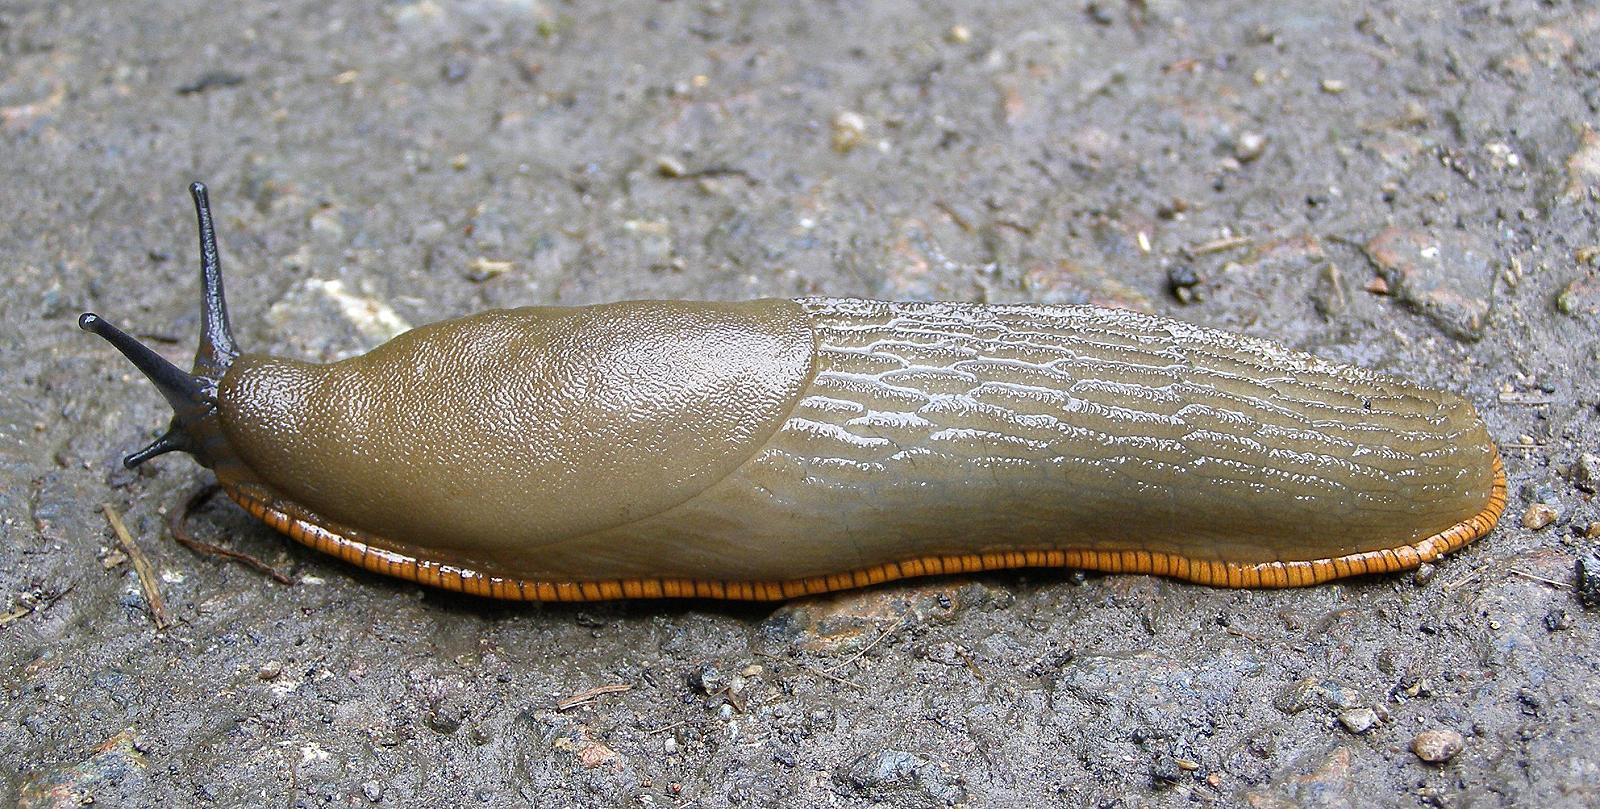 Slugs Animal